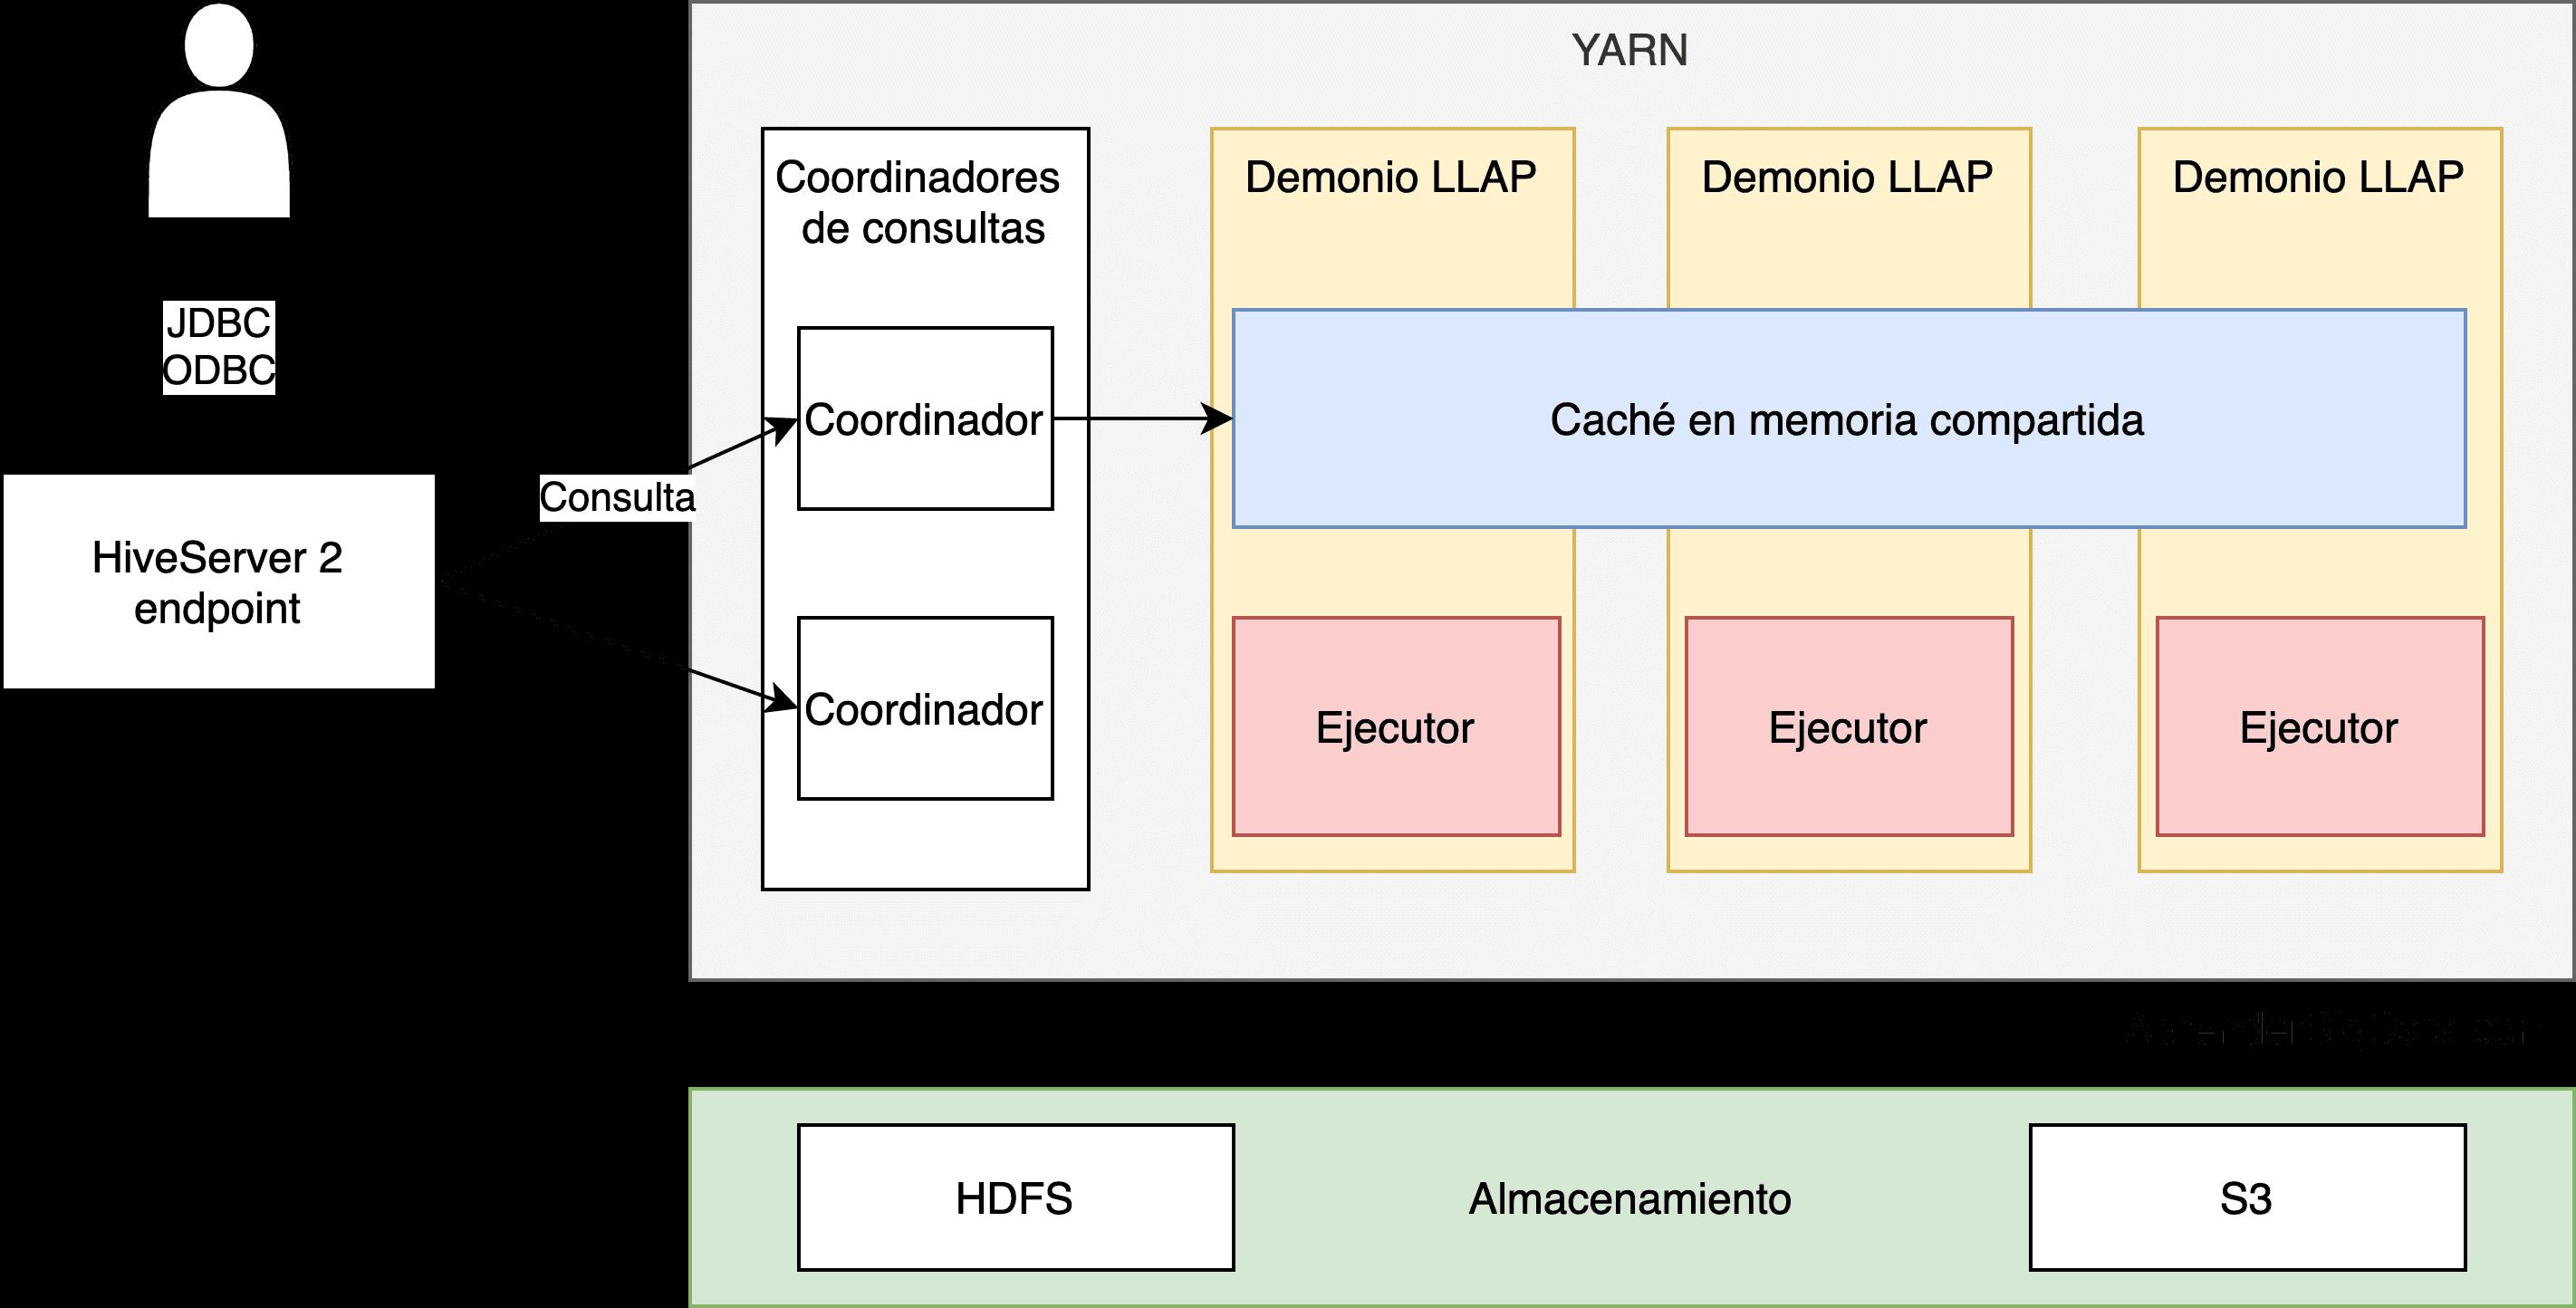 Esquema de Arquitectura en Hive LLAP